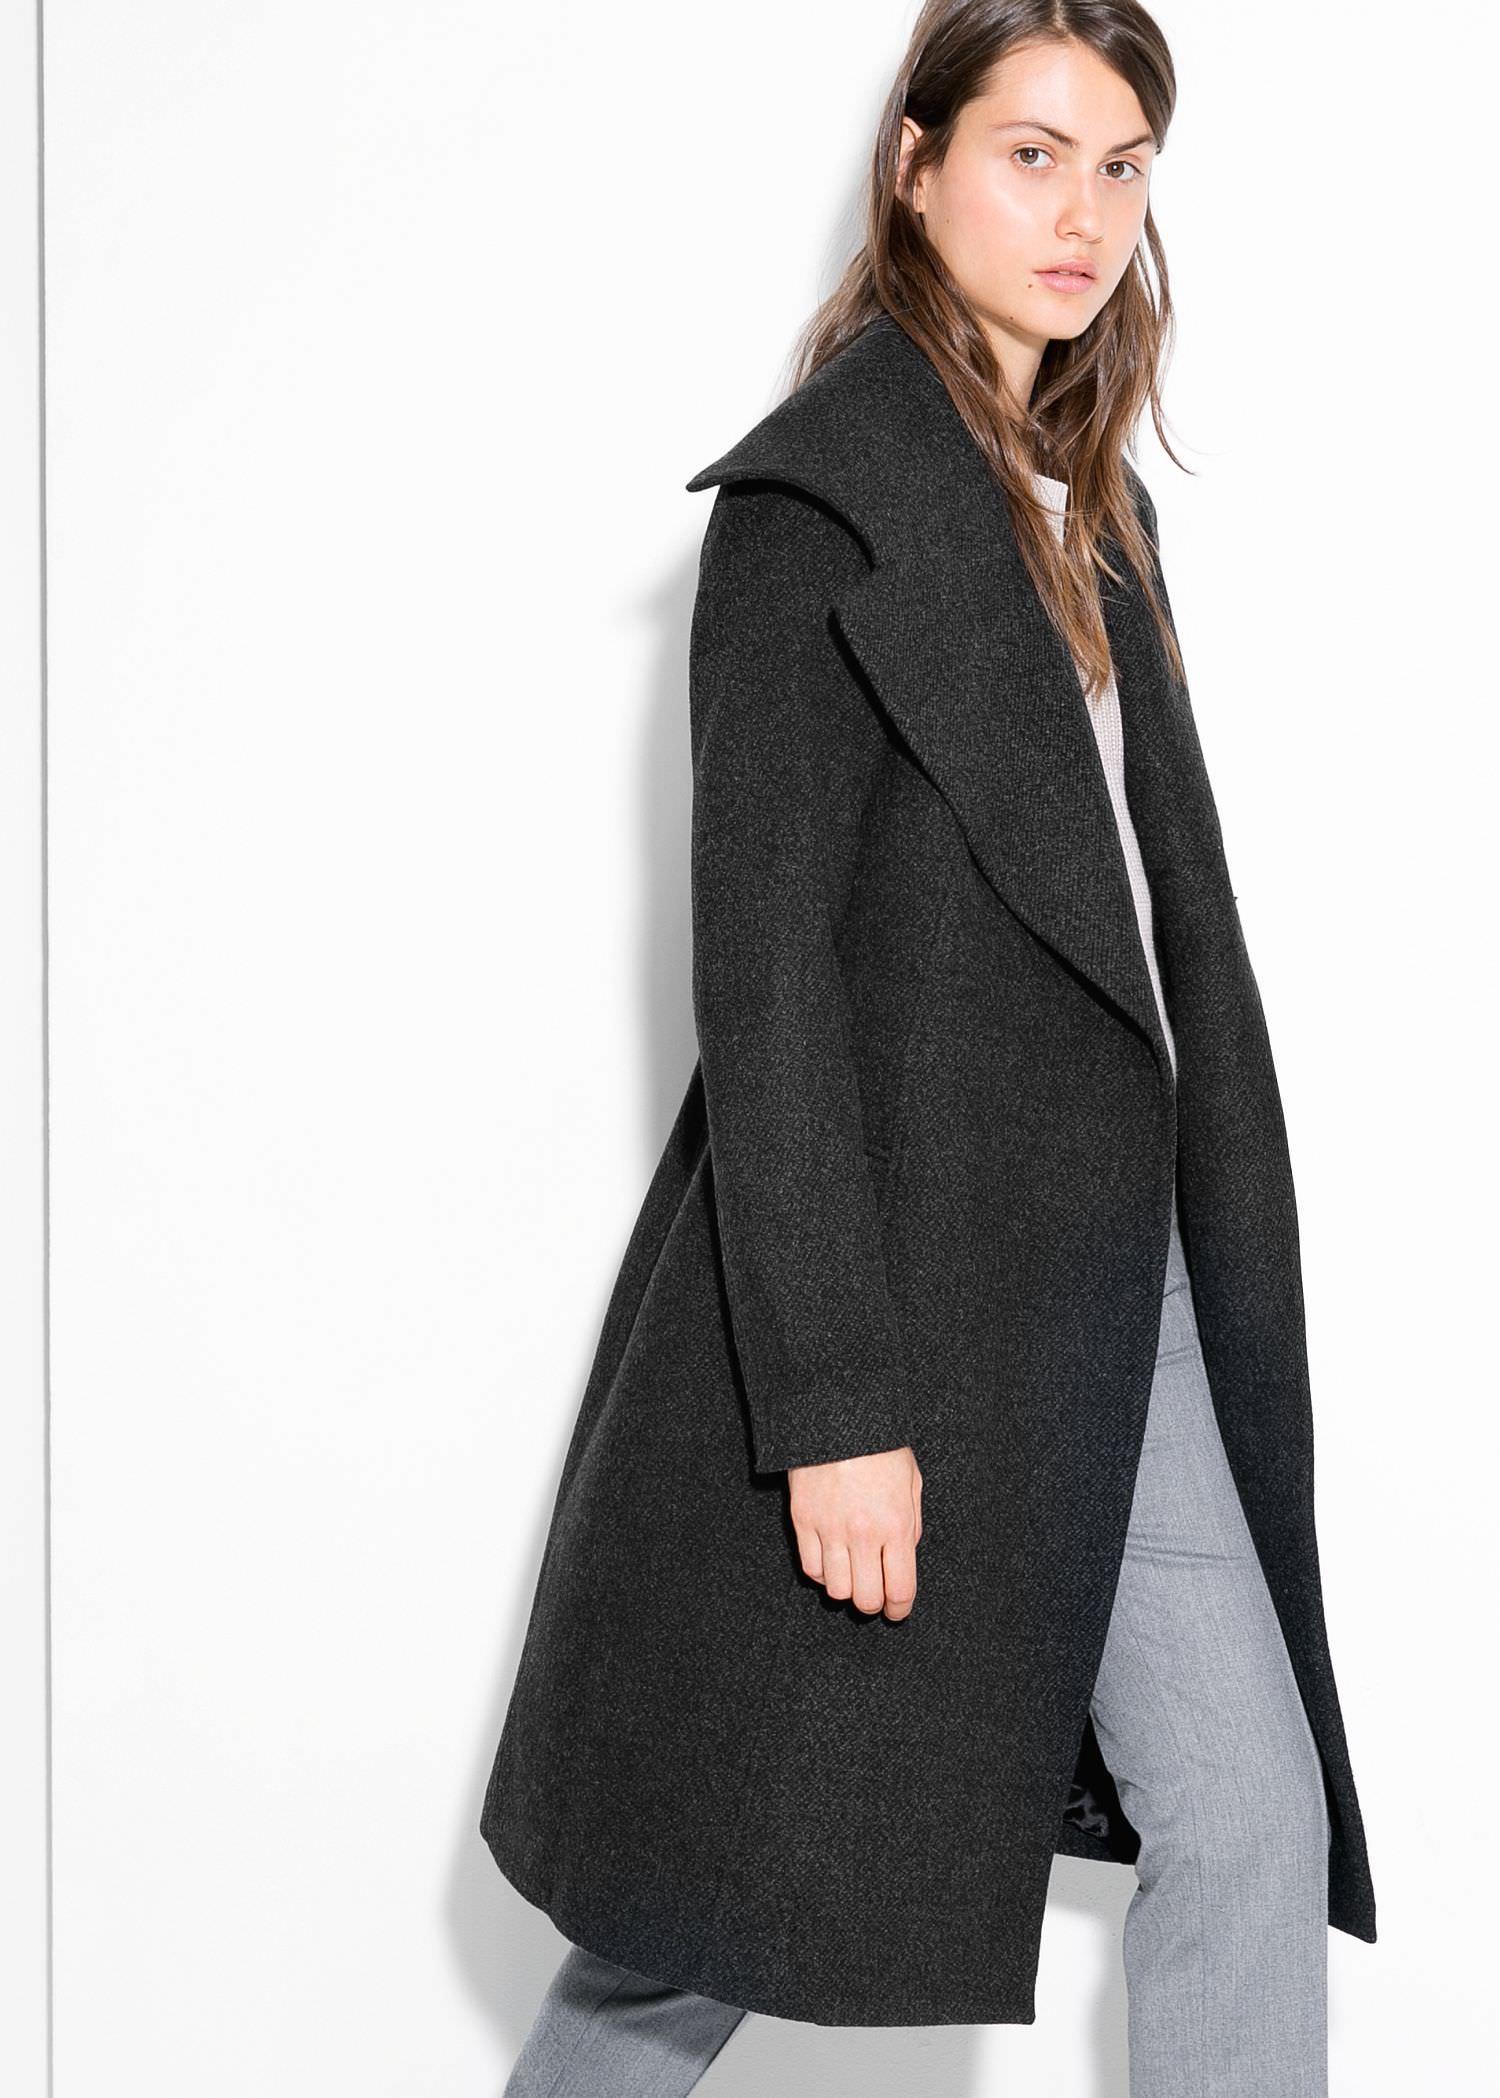 Mango Wide Lapel Wool-Blend Coat in Black | Lyst